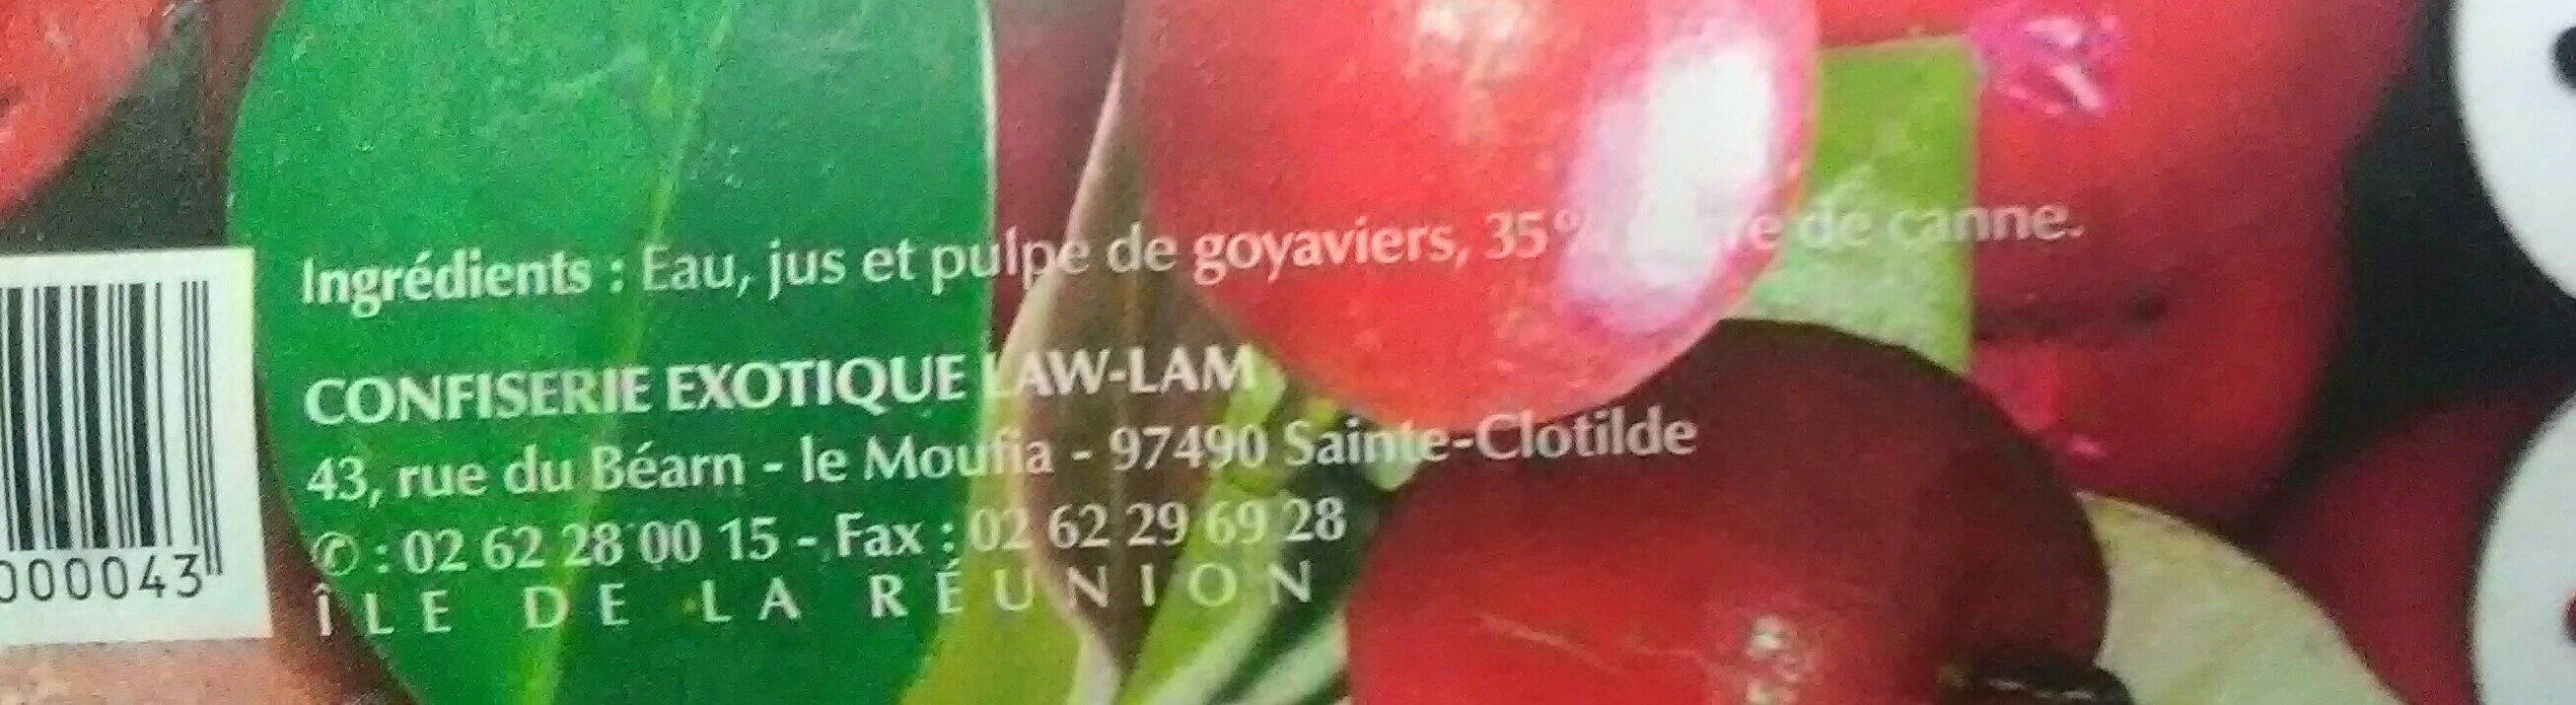 Néctar de Goyavier - Ingrediënten